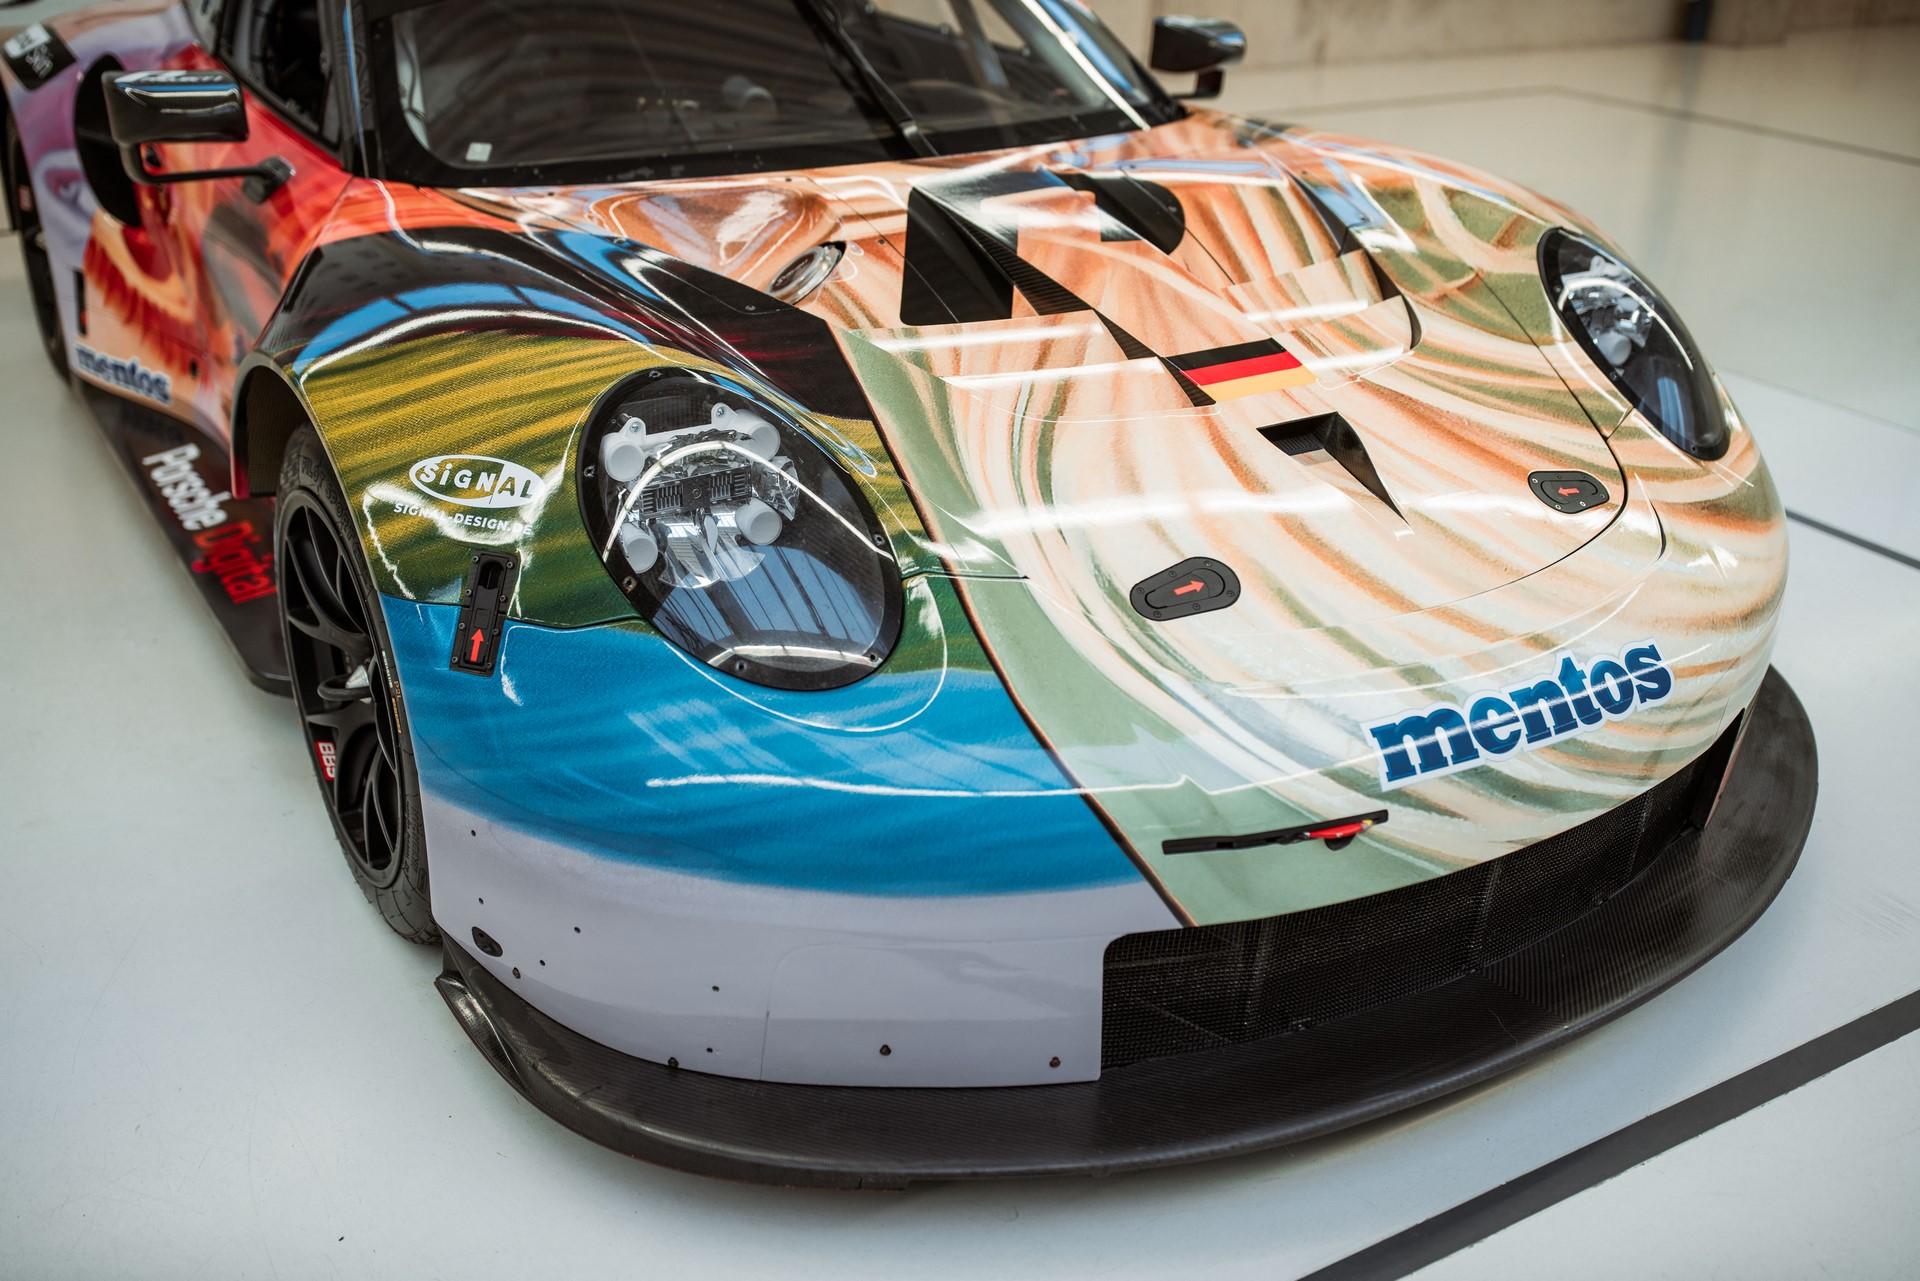 Porsche-911-RSR-car-art-Project-1-Motorsport-4